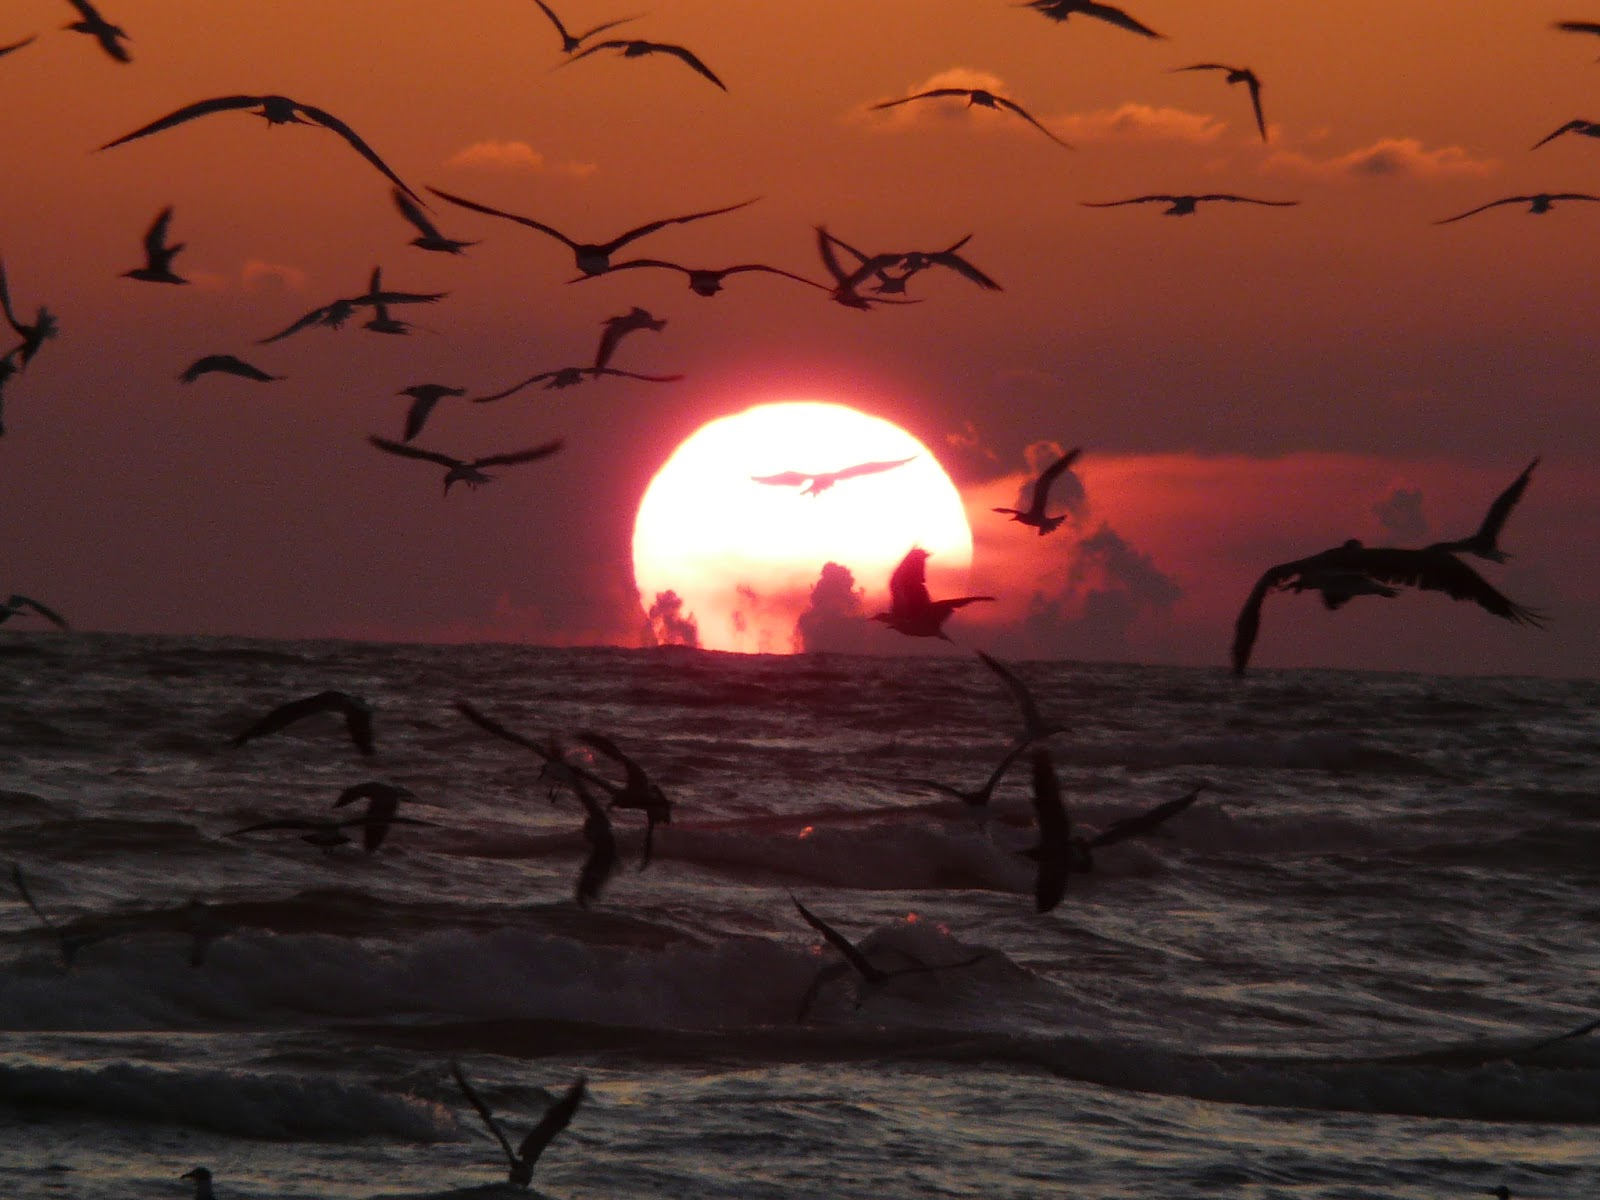 Amazing Sunsets | Most Beautiful